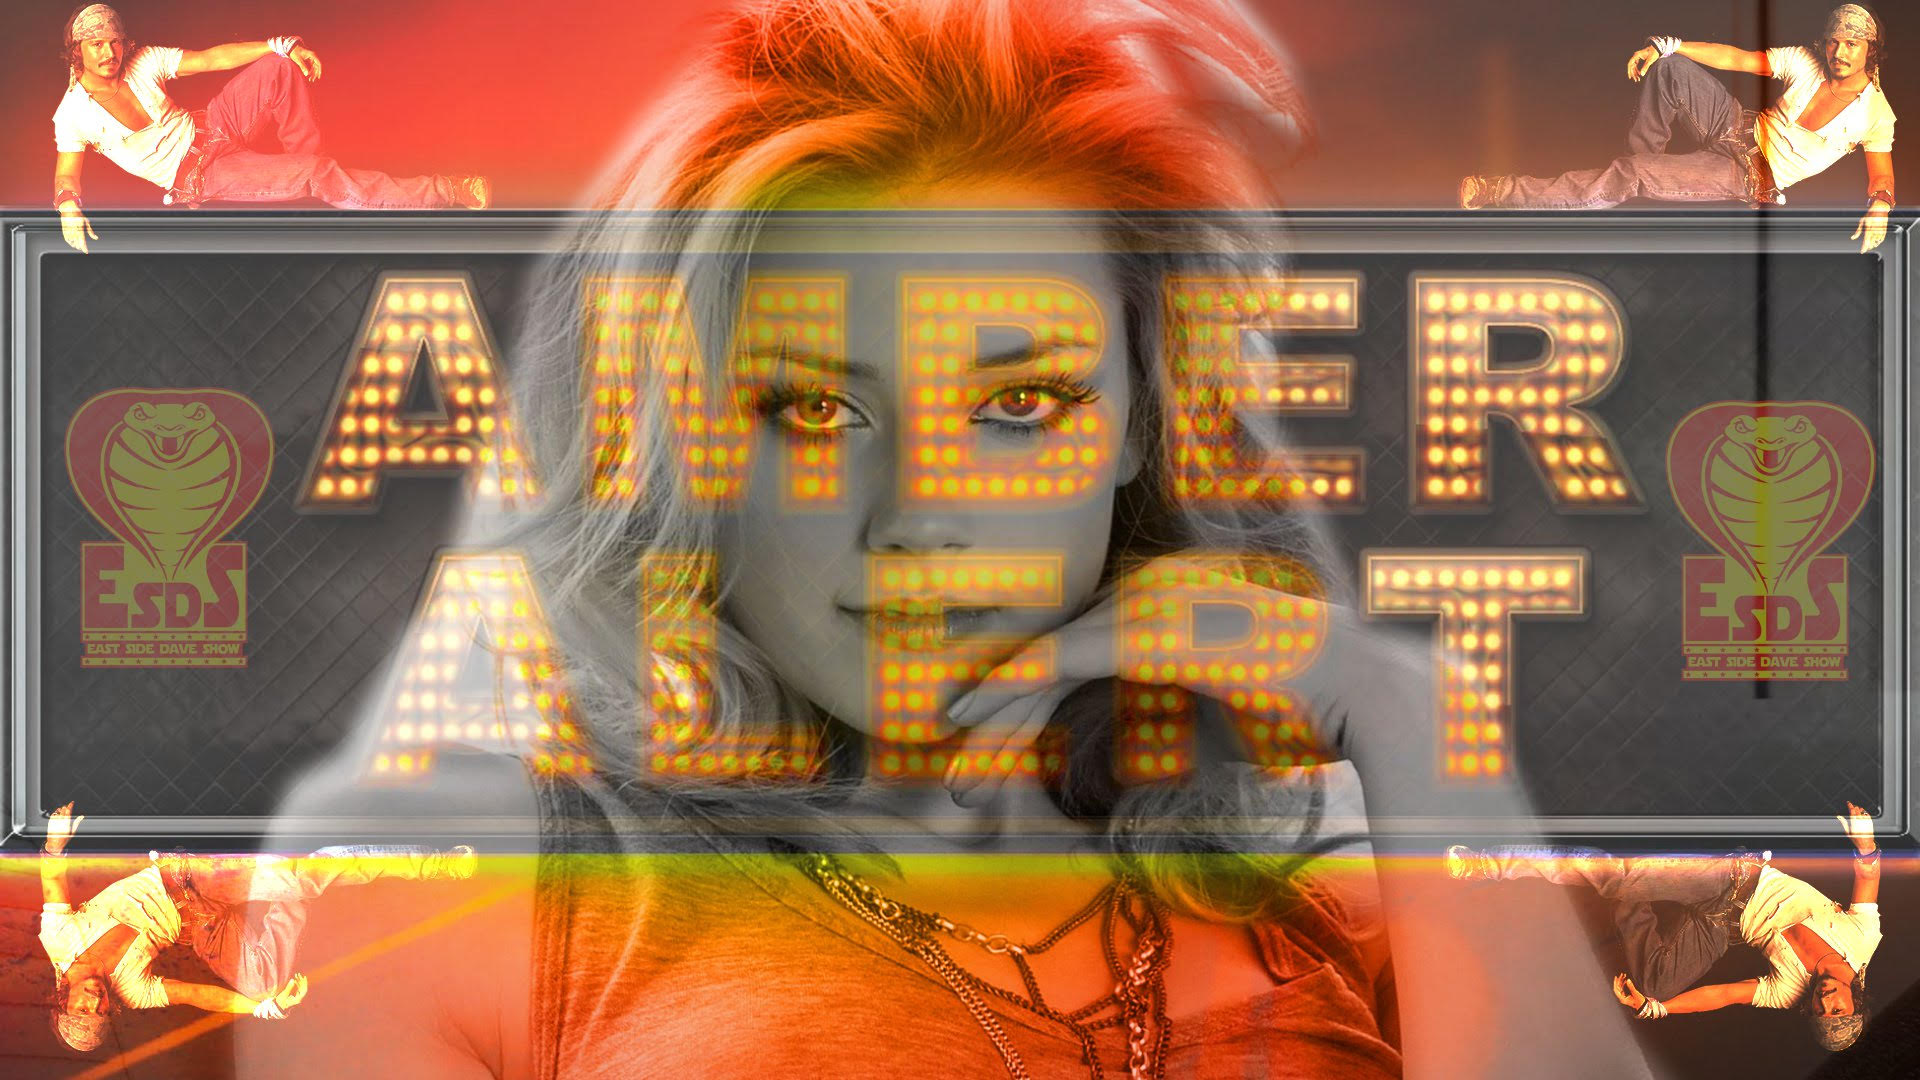 Amber Heard 2.jpg